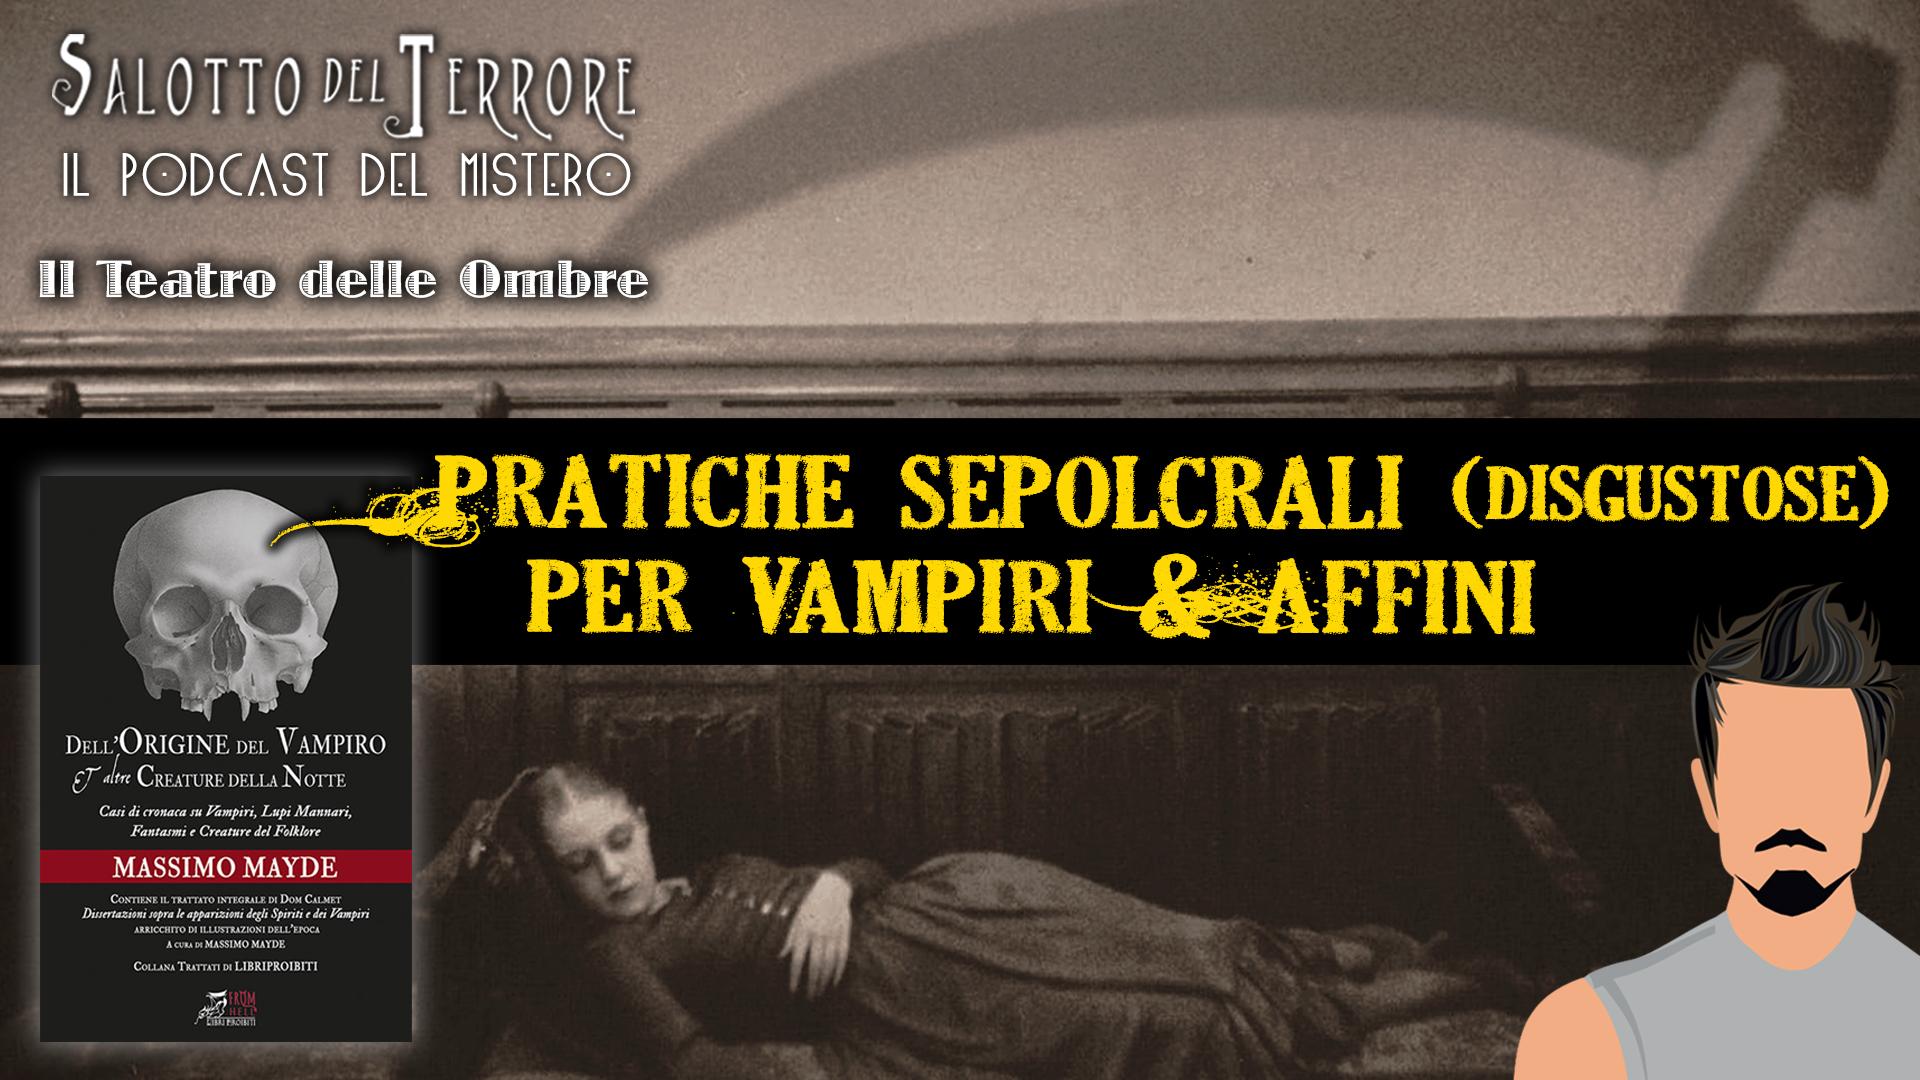 Pratiche sepolcrali e disgustosi rimedi per vampiri e affini